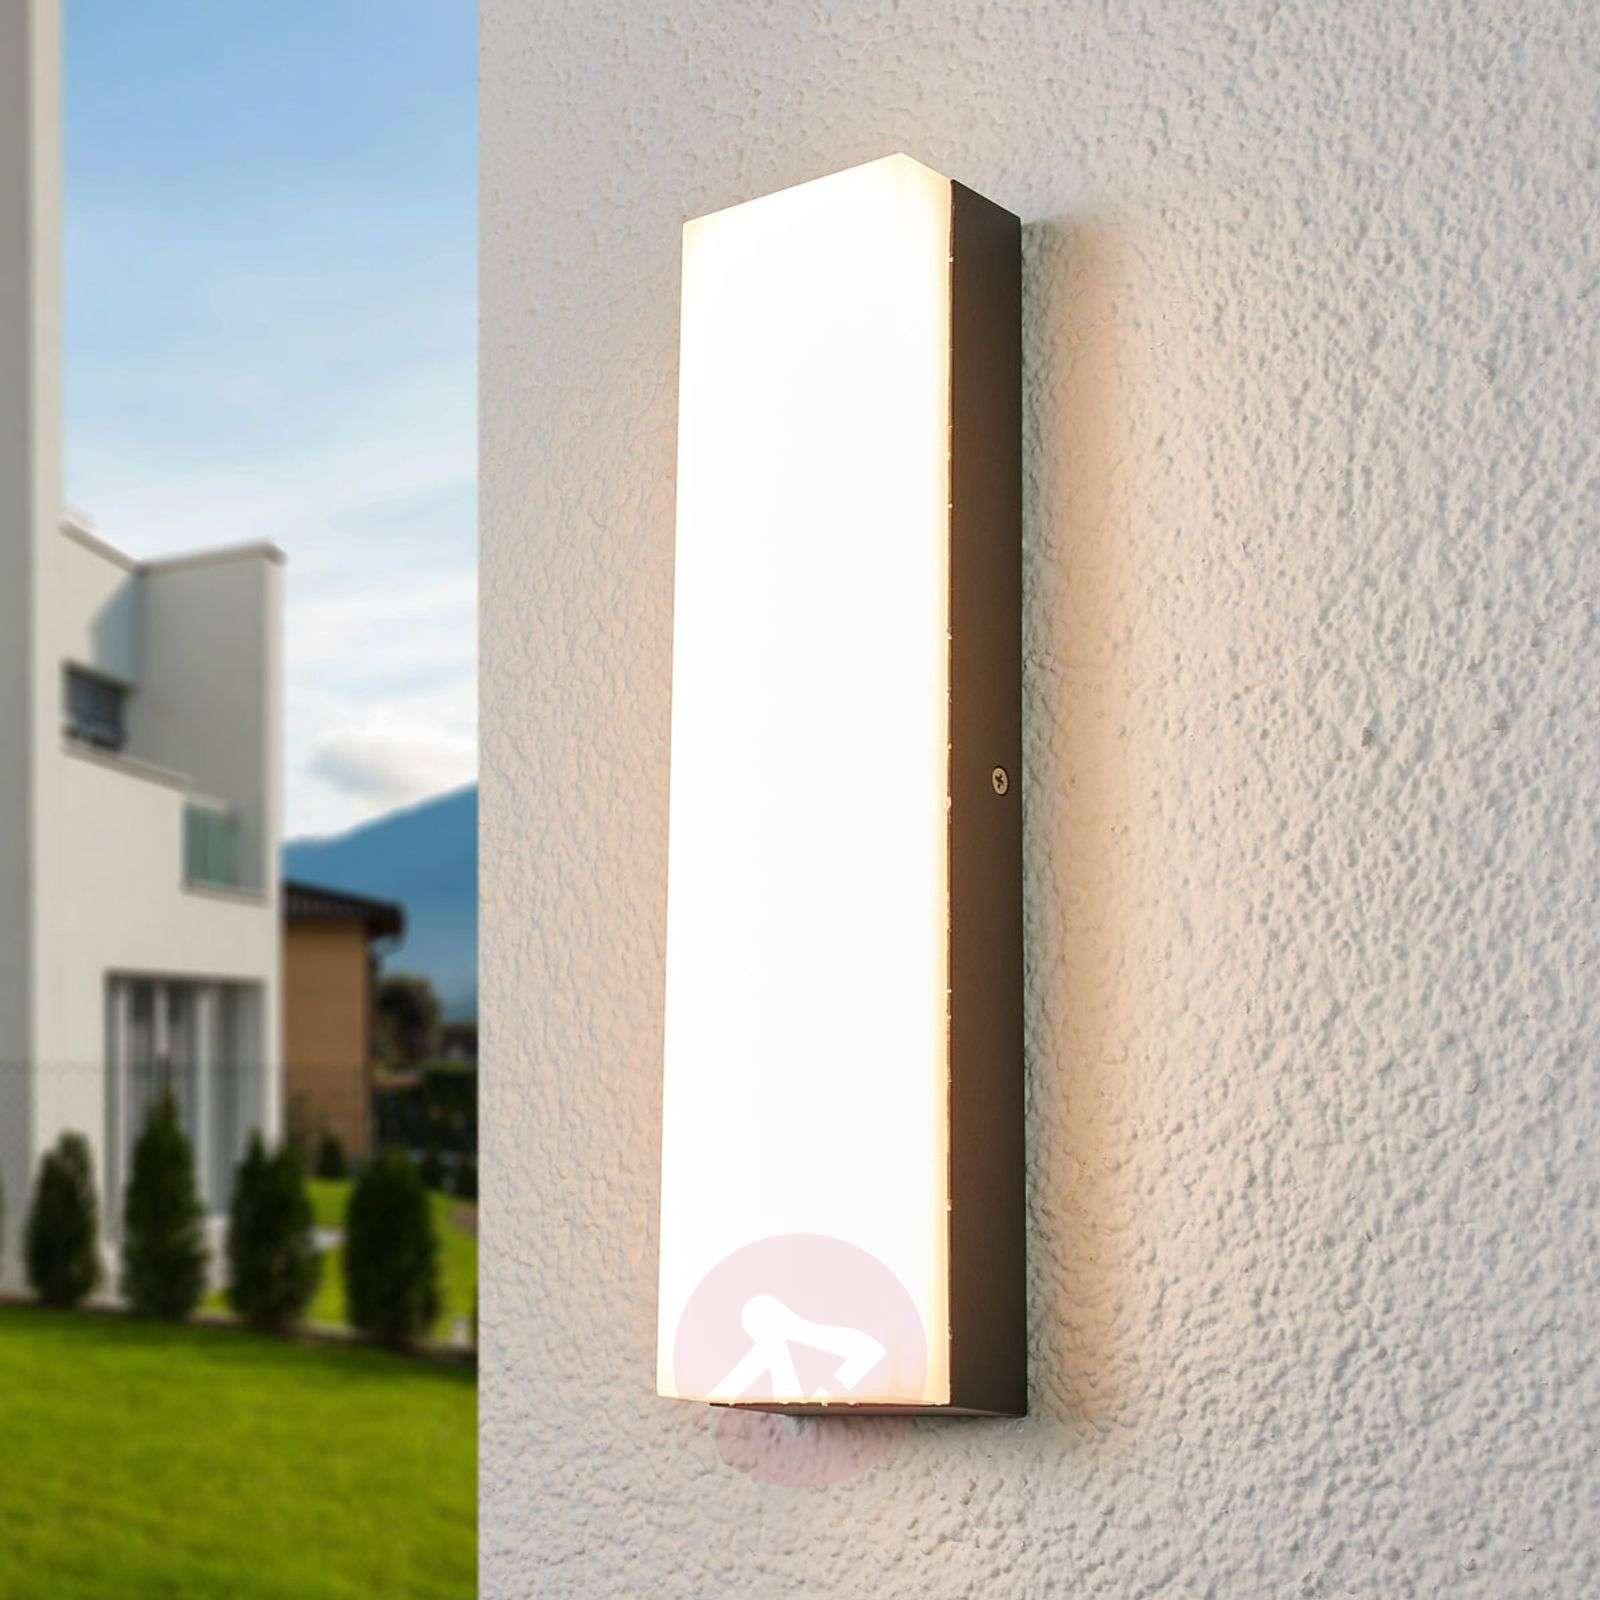 Rectangular LED outdoor wall lamp Donovan-9618094-01